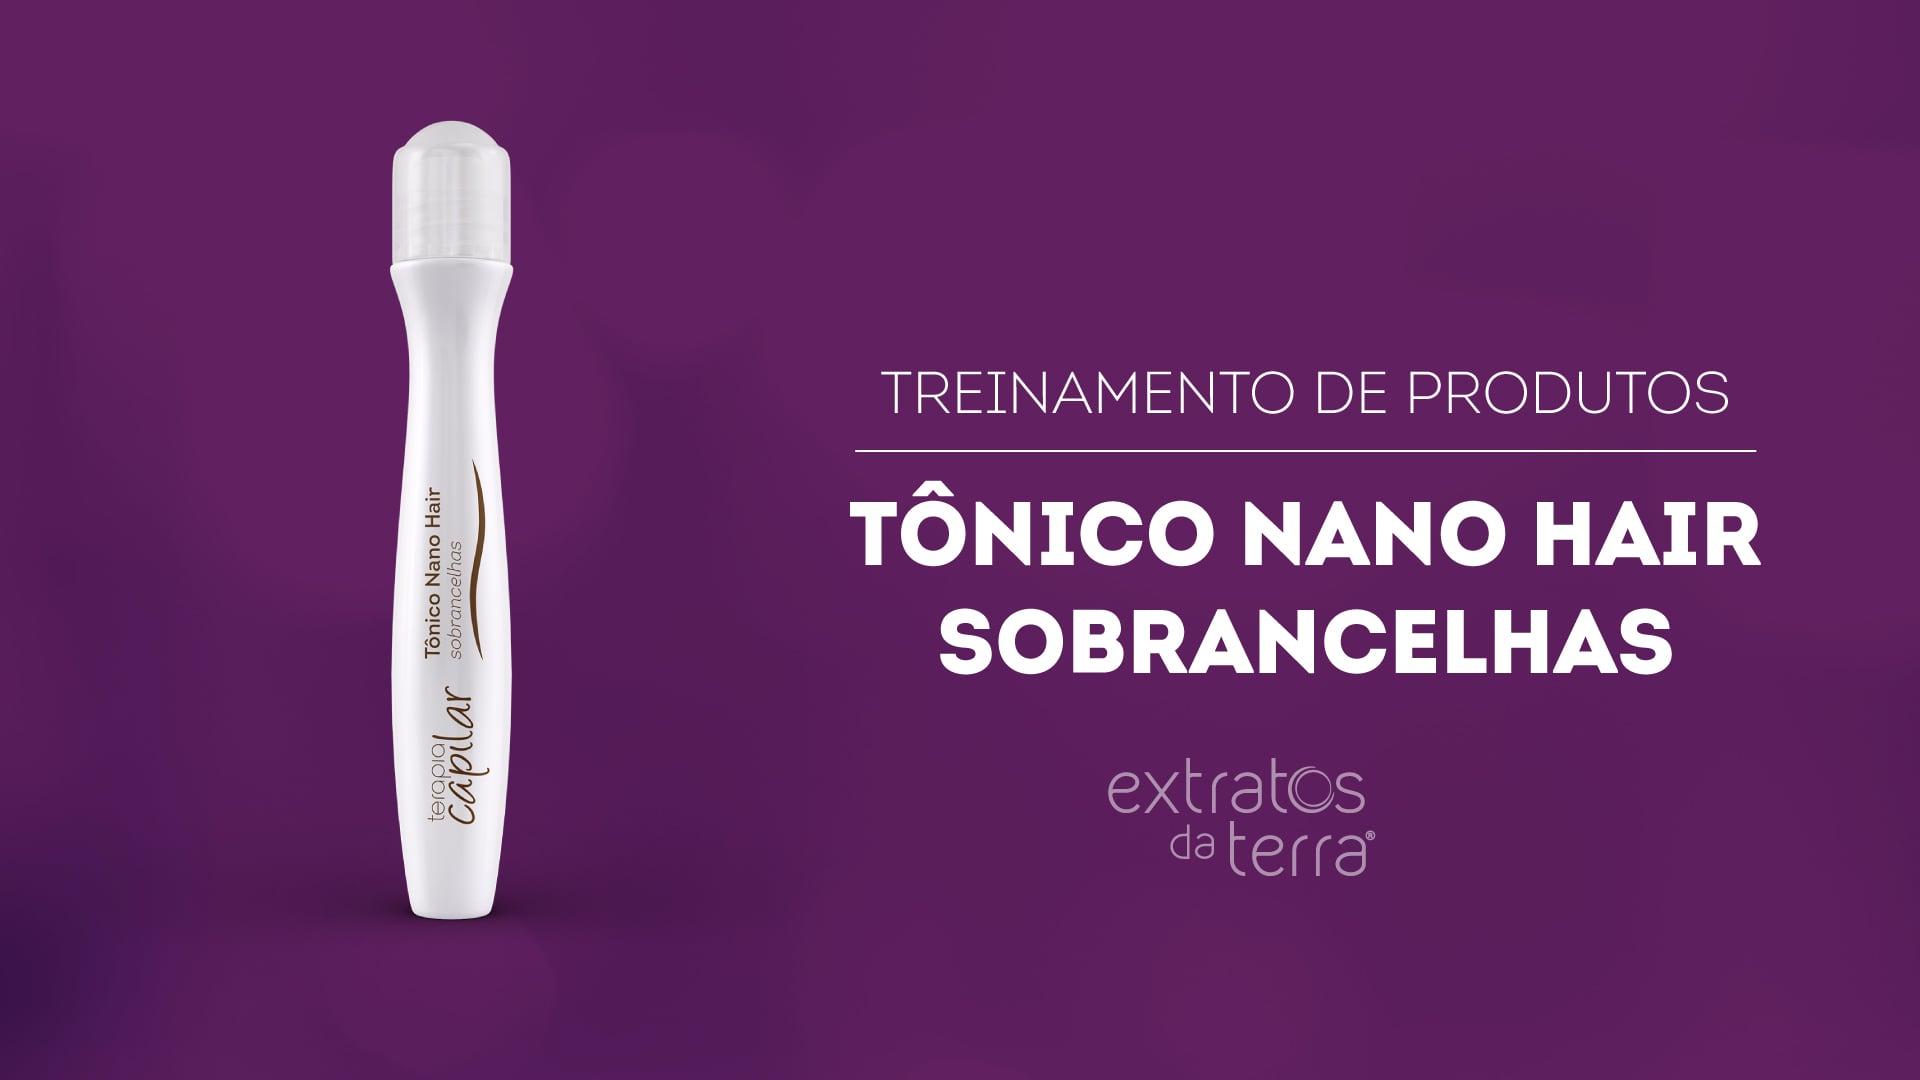 Conhecendo o Produto - Terapia Capilar Tônico Nano Hair Sobrancelhas